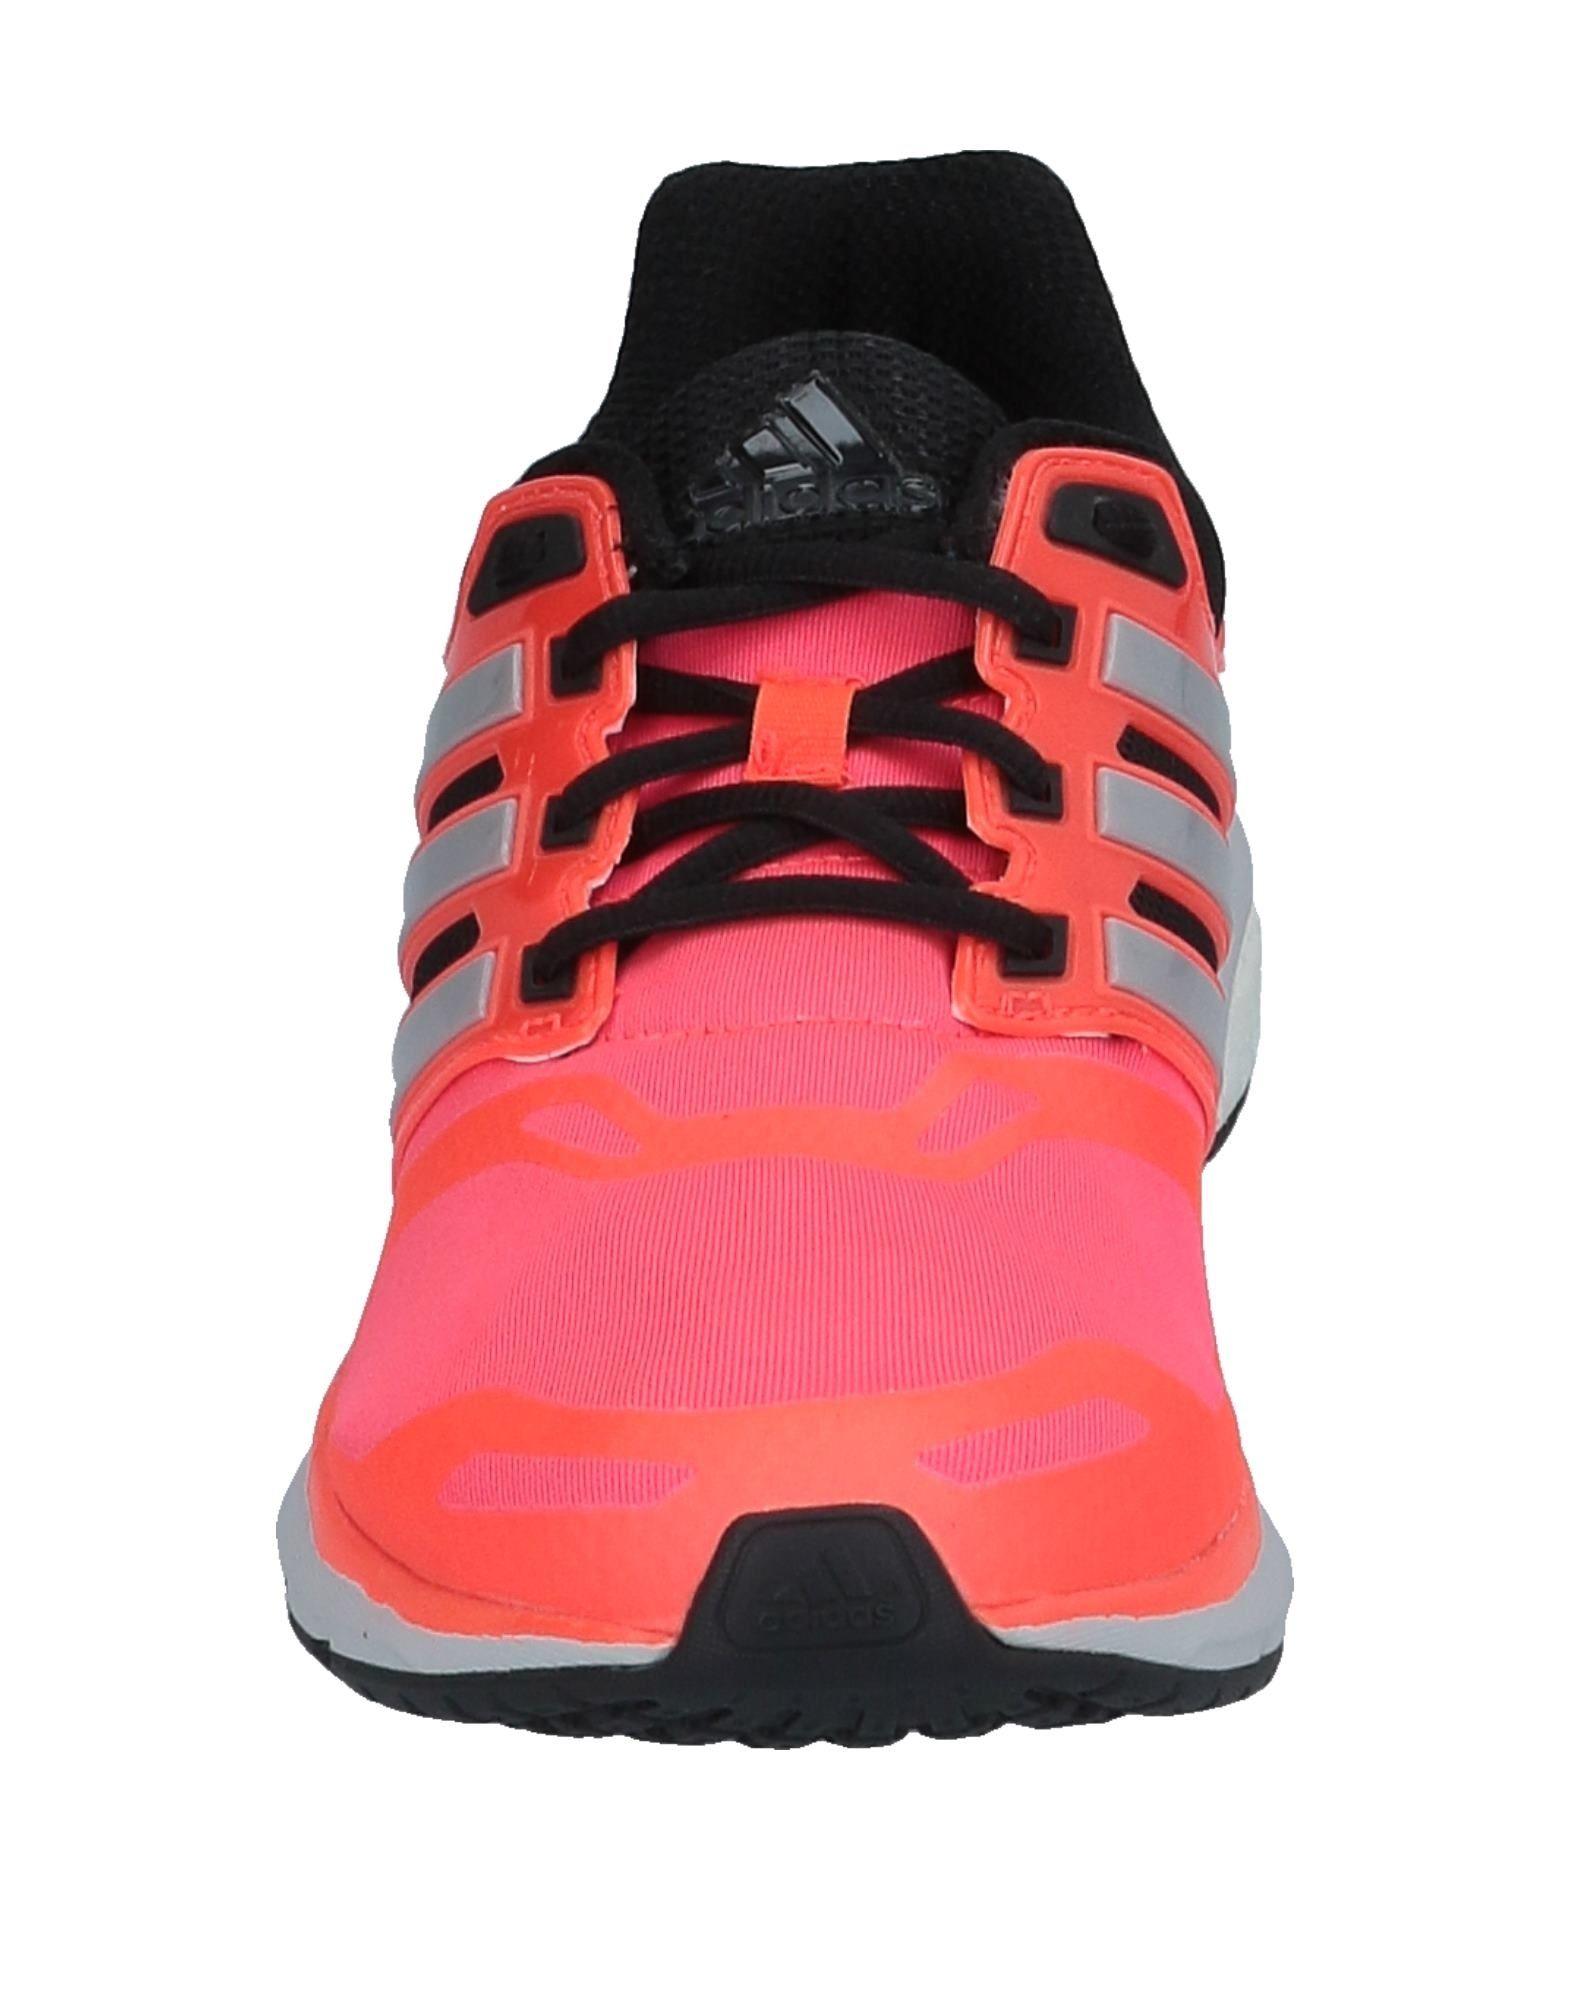 Rabatt Adidas echte Schuhe Adidas Rabatt Sneakers Herren  11541746CO 595daf